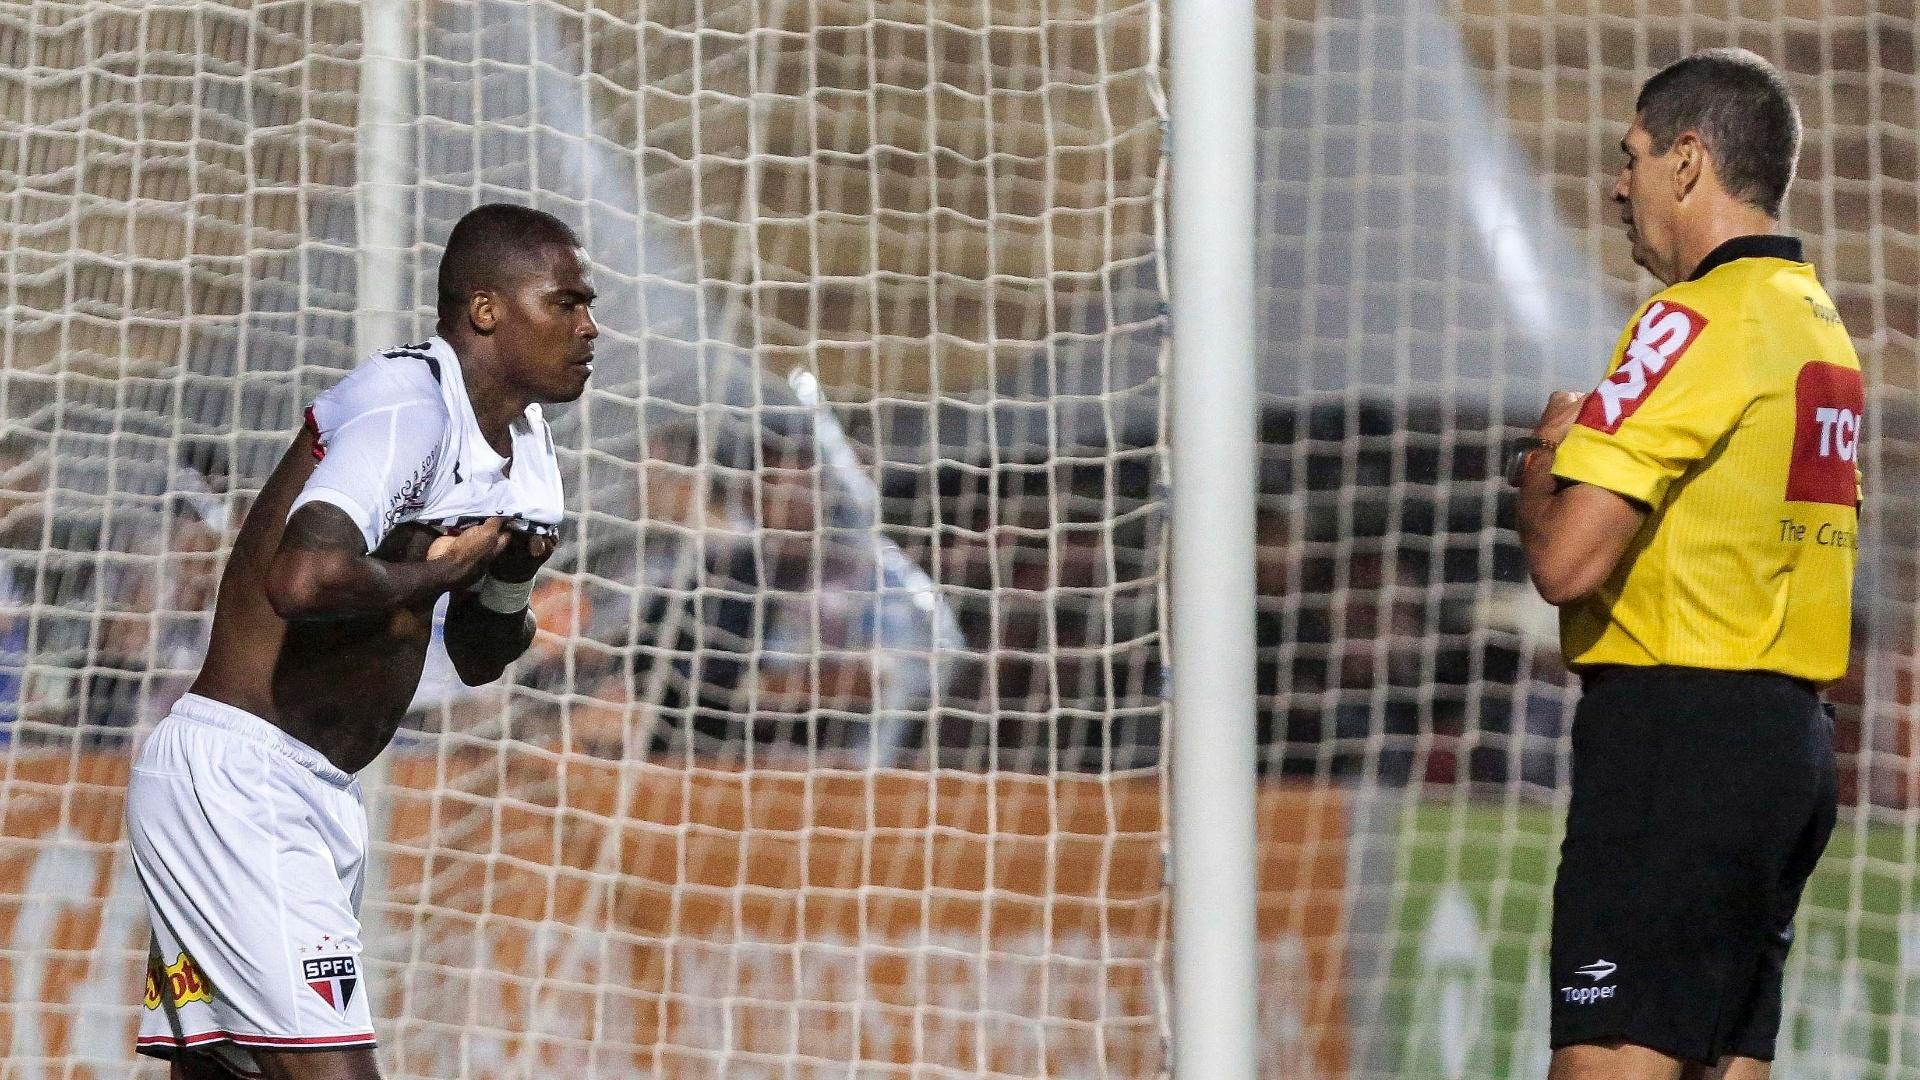 Maicosuel recebeu cartão amarelo por ter tirado a camisa no gol do São Paulo